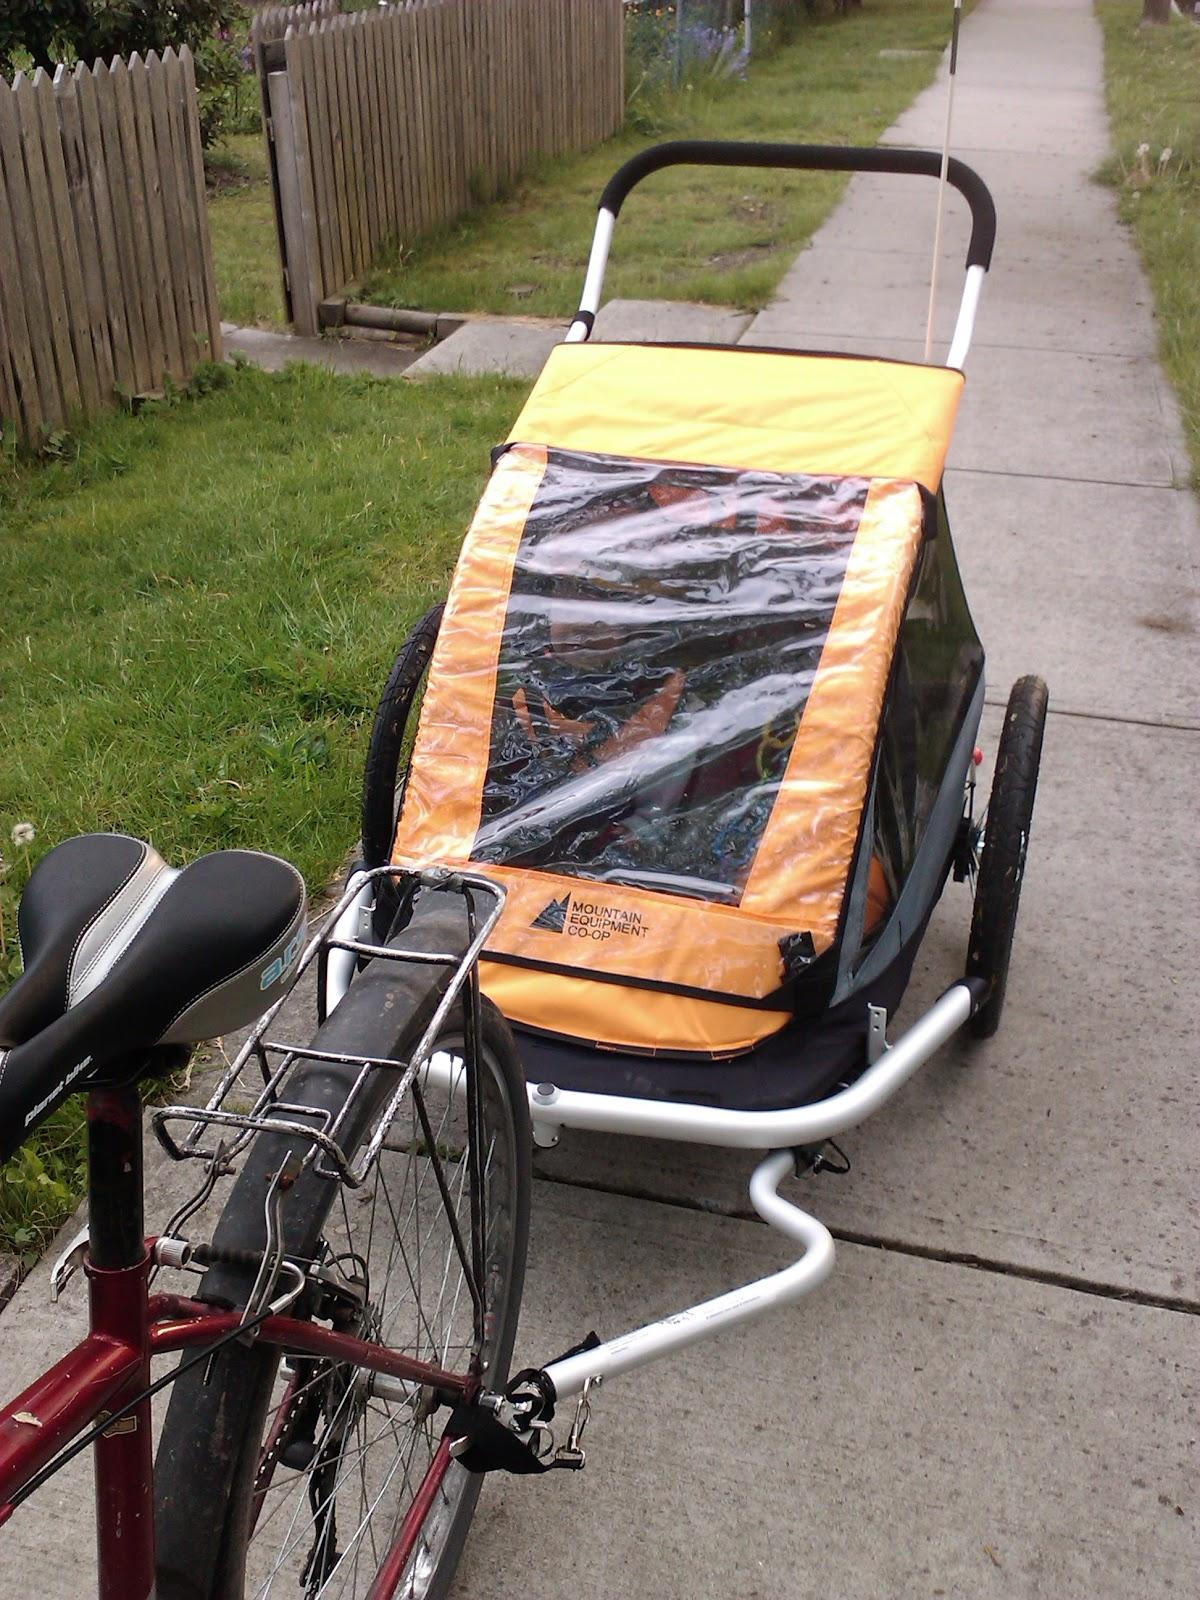 Spokesmama Listicles Bike Life With A Kid